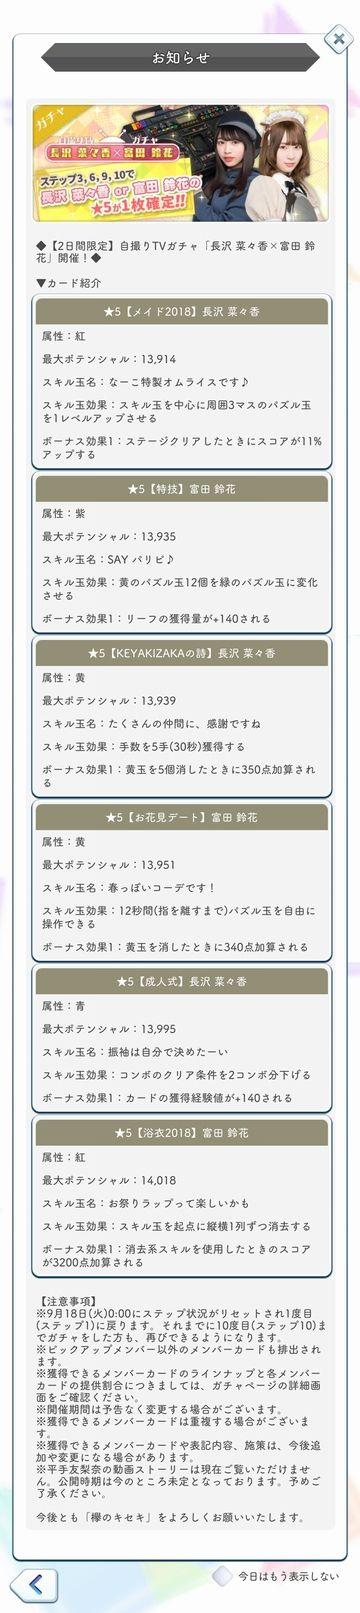 00 自撮りTVガチャ(1) 詳細